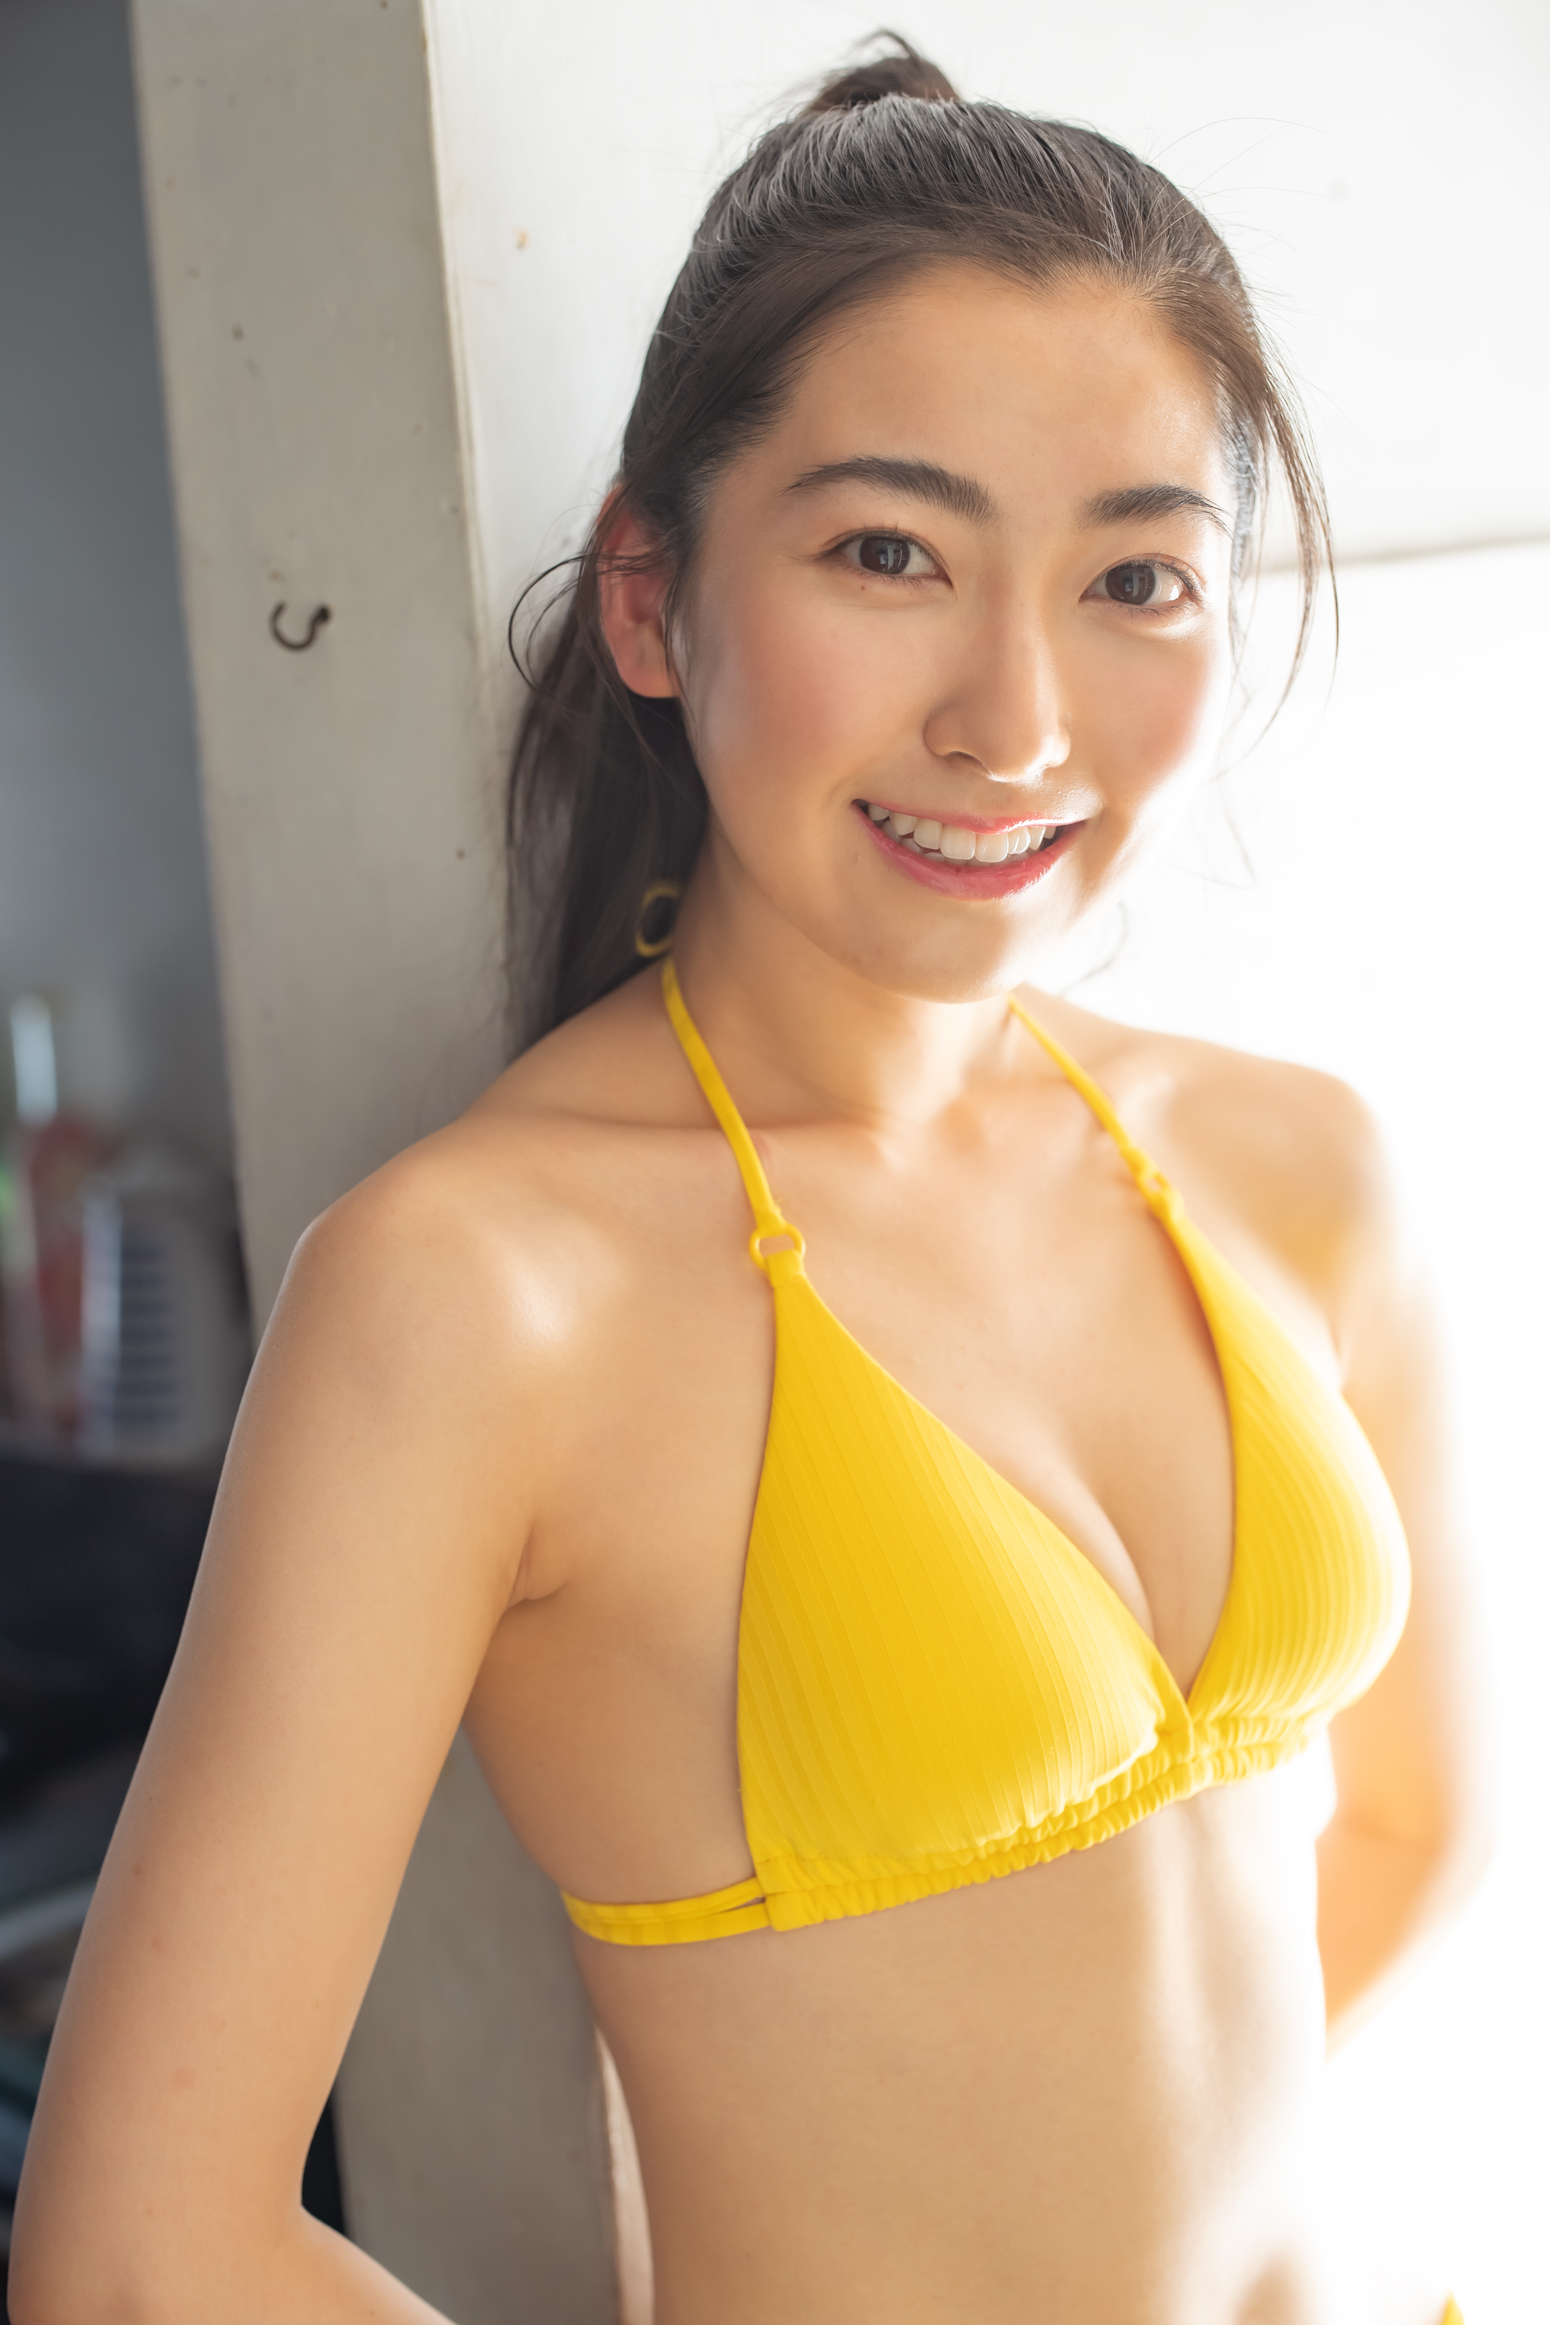 フェリス女学院大学 歌倉千登星『キャンパスクイーンコレクション2020 水着スペシャル』